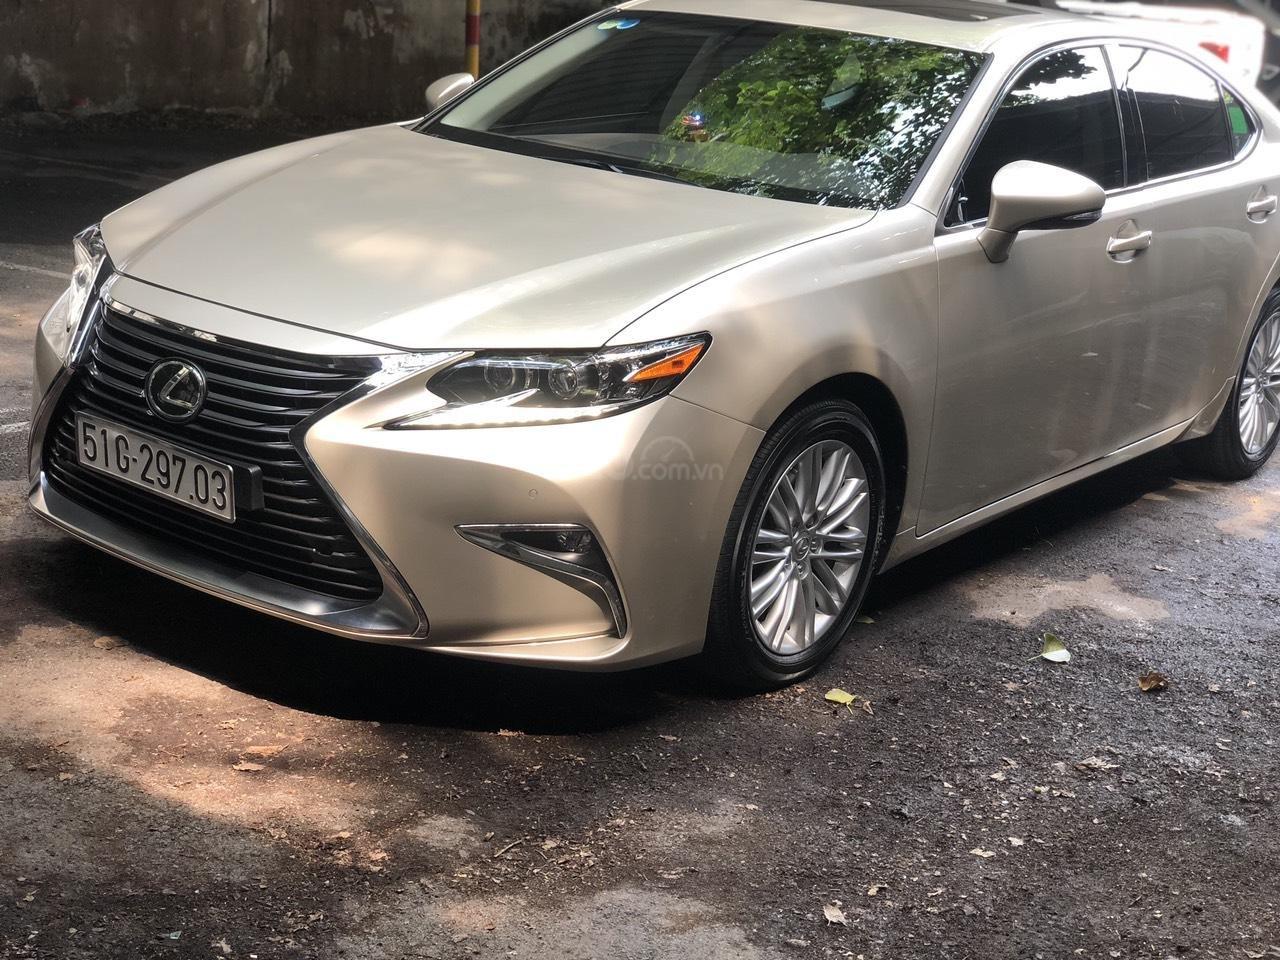 [0938193273] Lexus ES250 nâu vàng model 2017 rất mới (2)